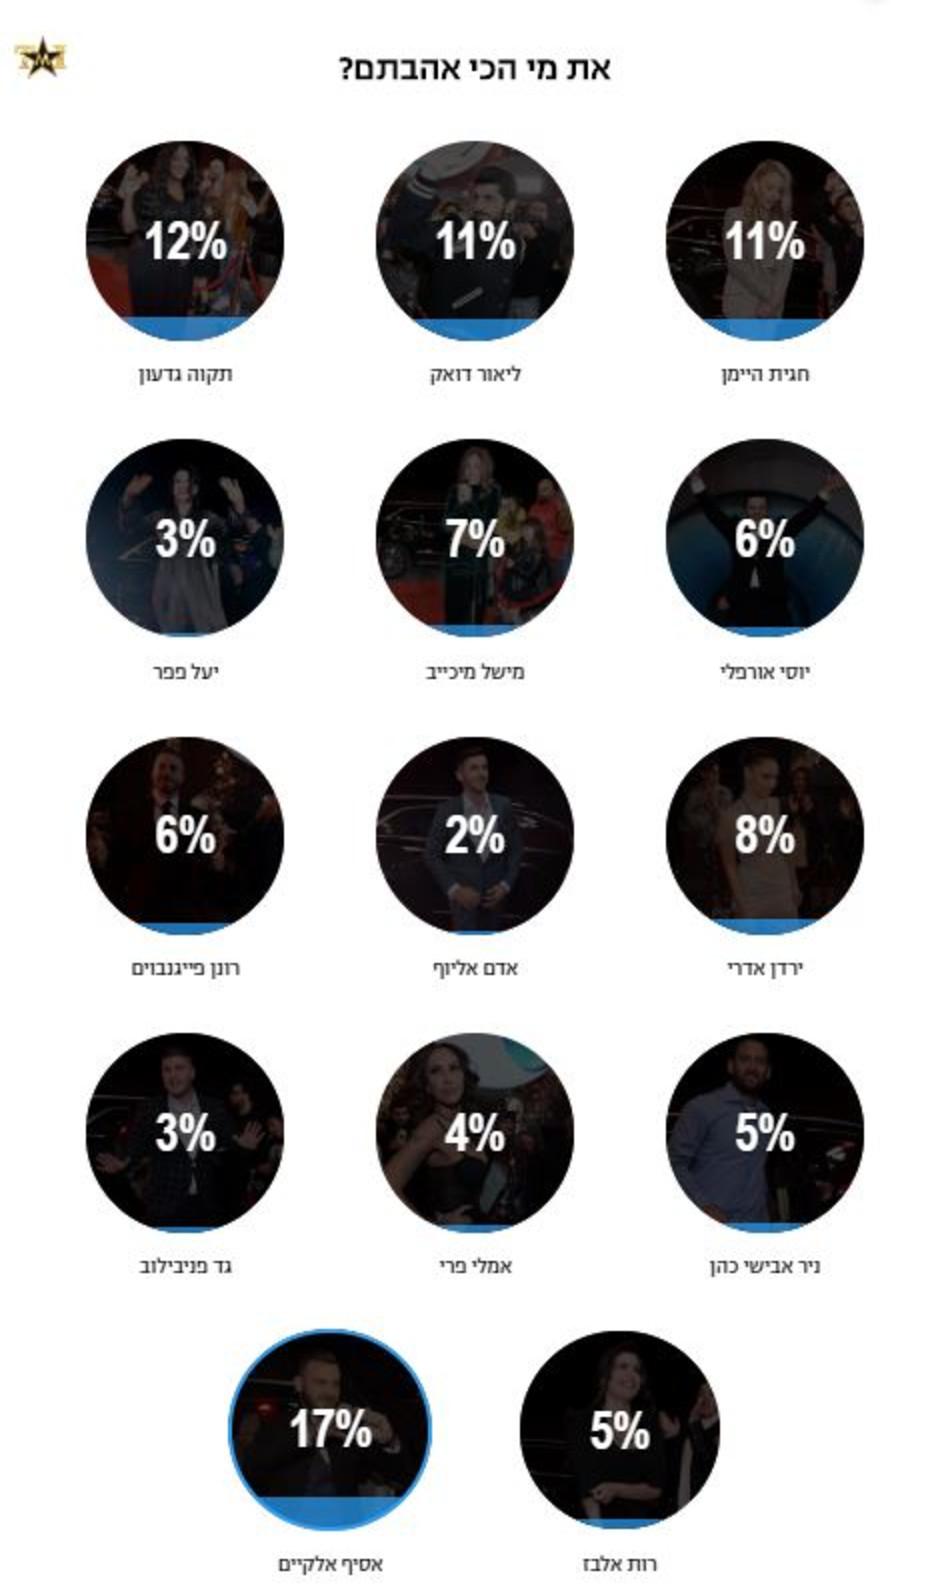 תוצאות הסקר לאחר כניסת הדיירים לבית האח הגדול